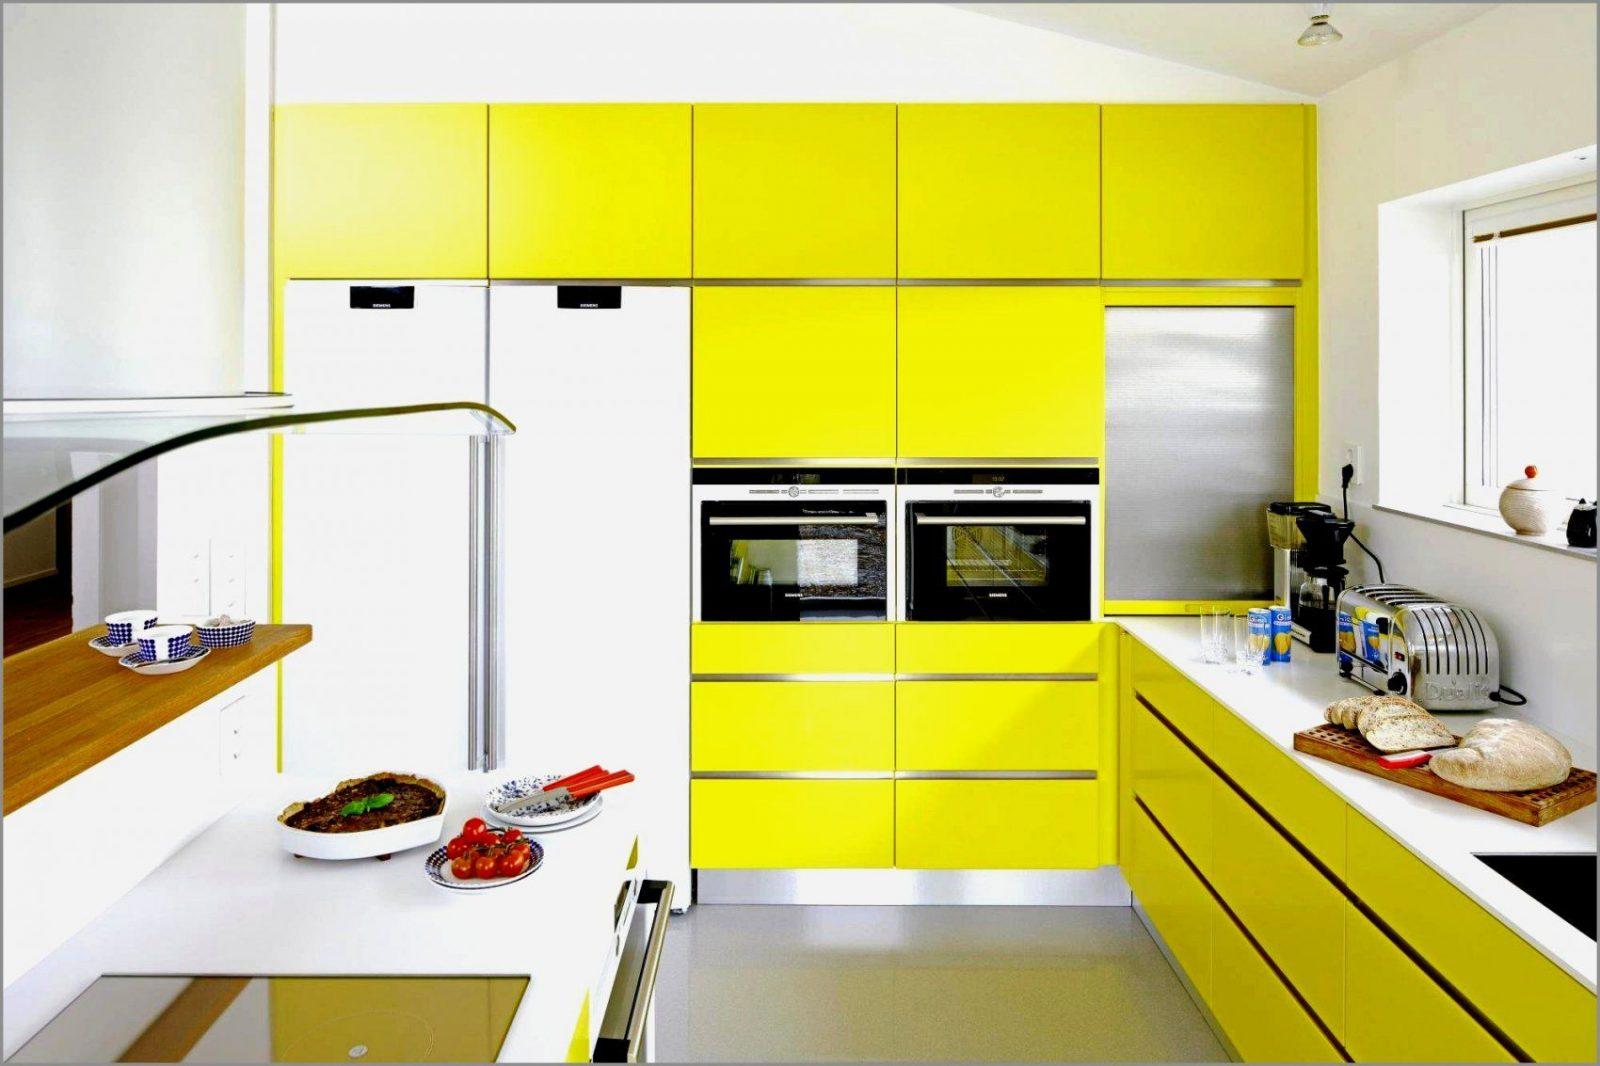 Abwaschbare Tapete Küche Bauhaus   Verputzte Wand Streichen   Verputzte Wand Streichen Das